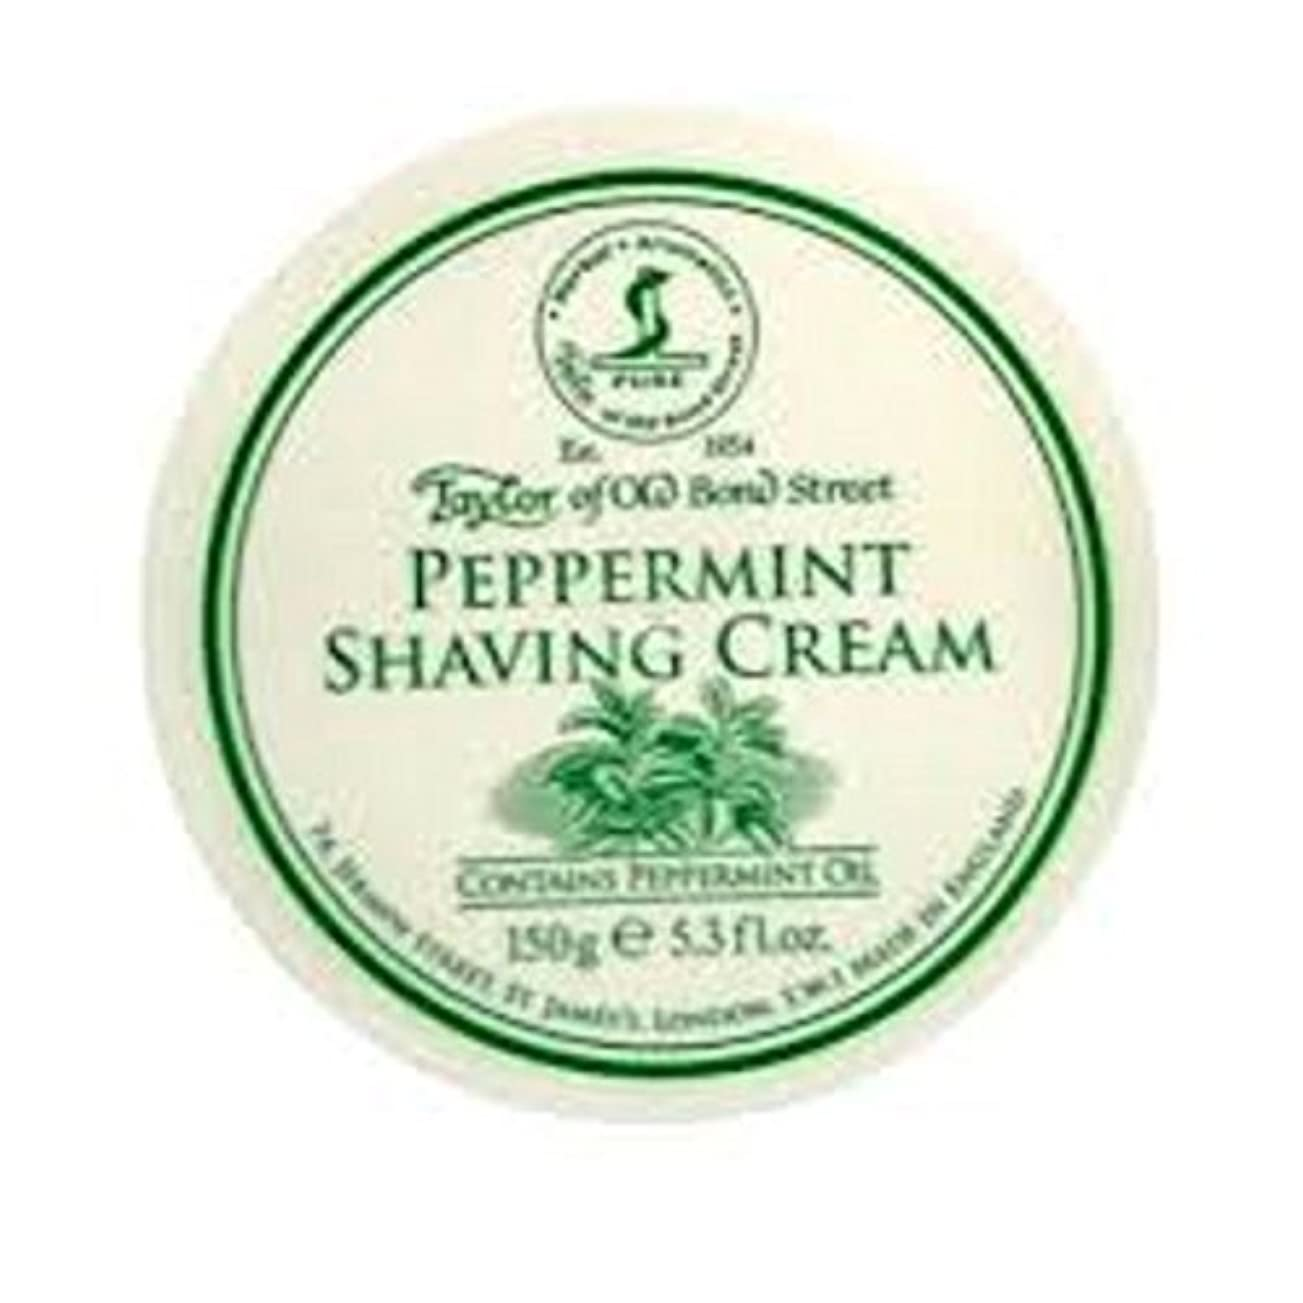 提供信じられない思慮深いTaylors of Old Bond Street 150g Traditional Shaving Cream Tub (Peppermint) by Taylor of Old Bond Street